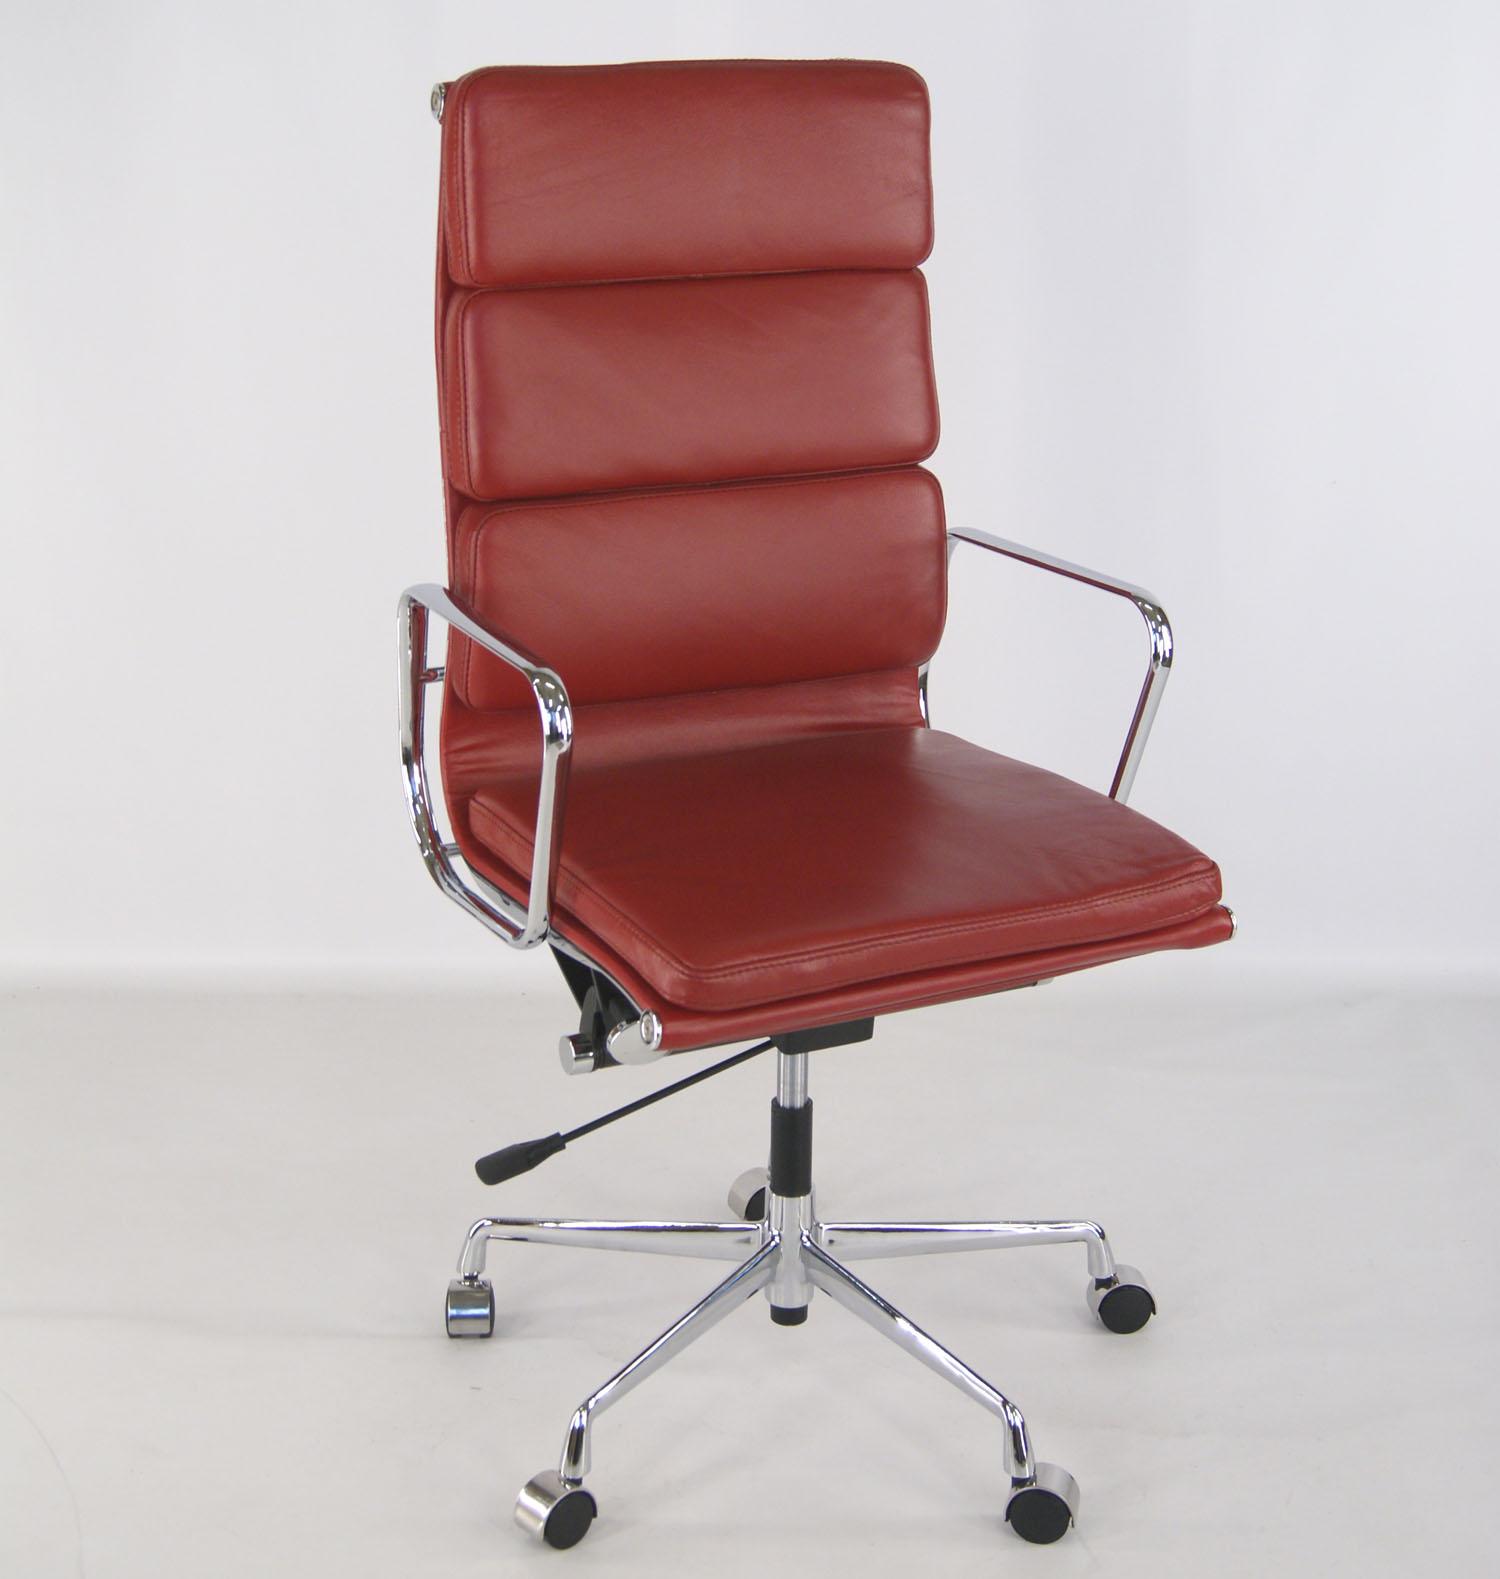 La chaise eames famous design for La chaise design